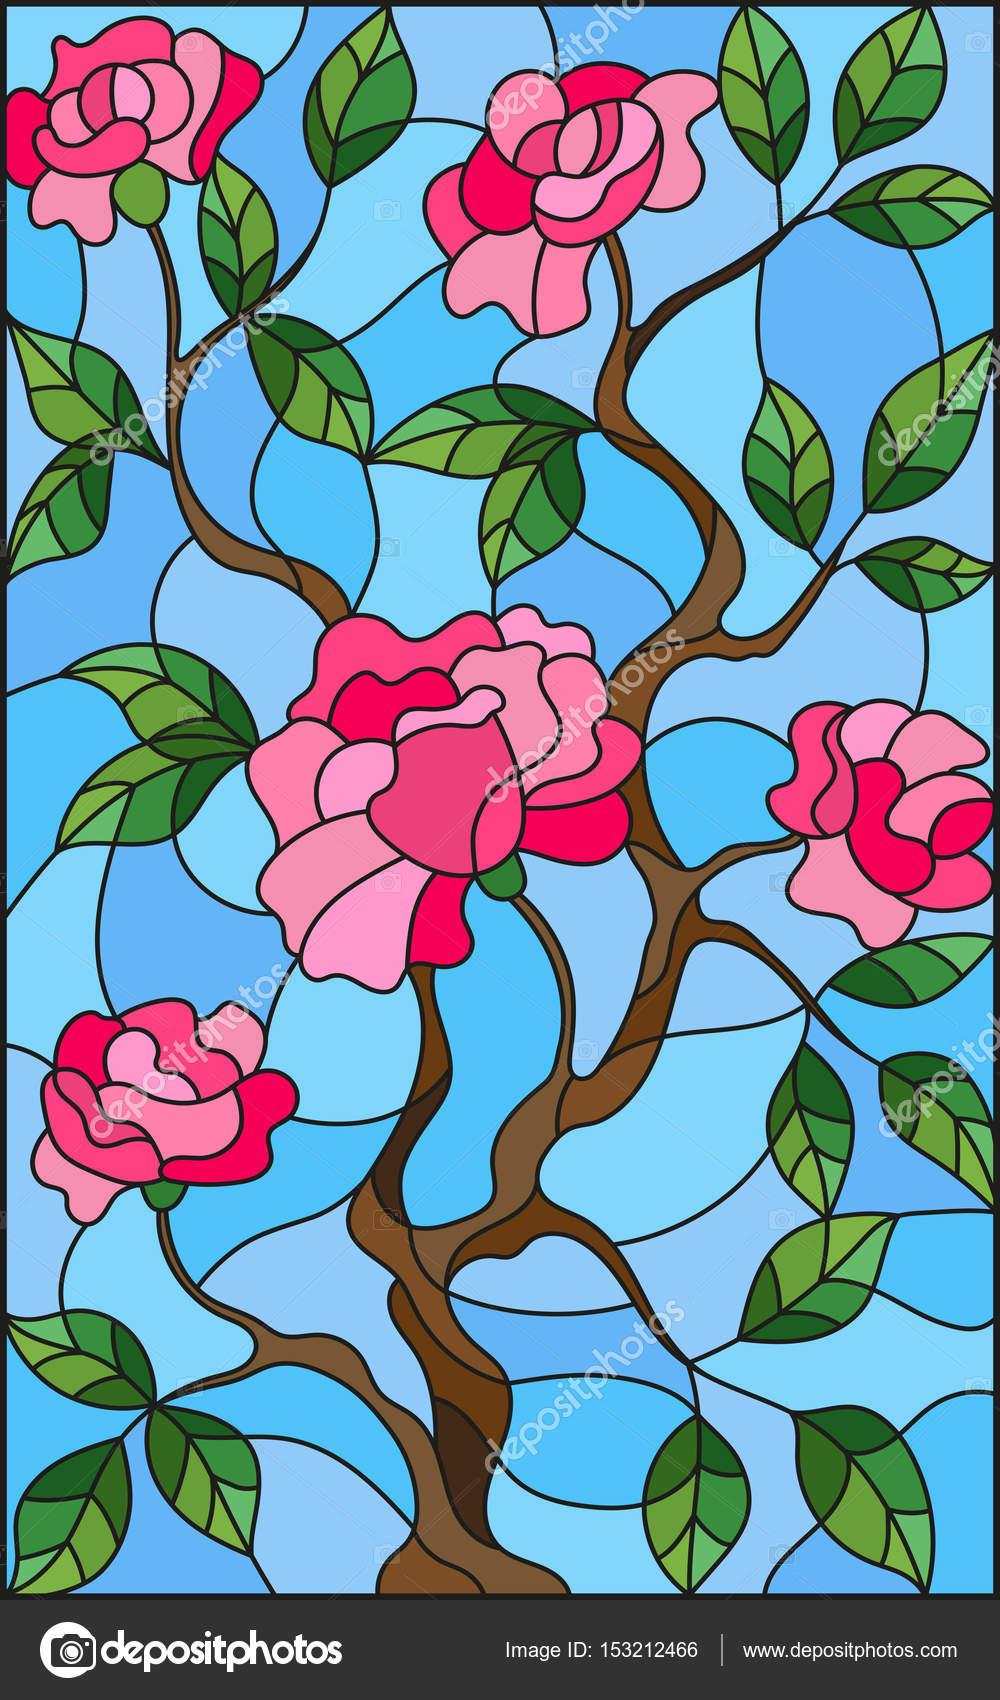 Ogromnie Ilustracja w Witraż kwiat stylu różowych róż na niebieskim tle TB77